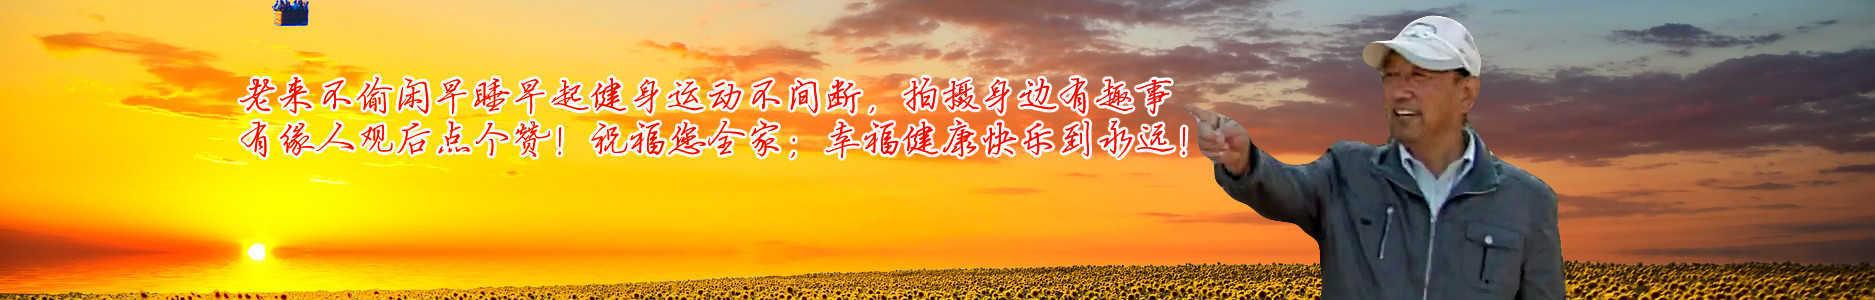 潜心学艺1 banner